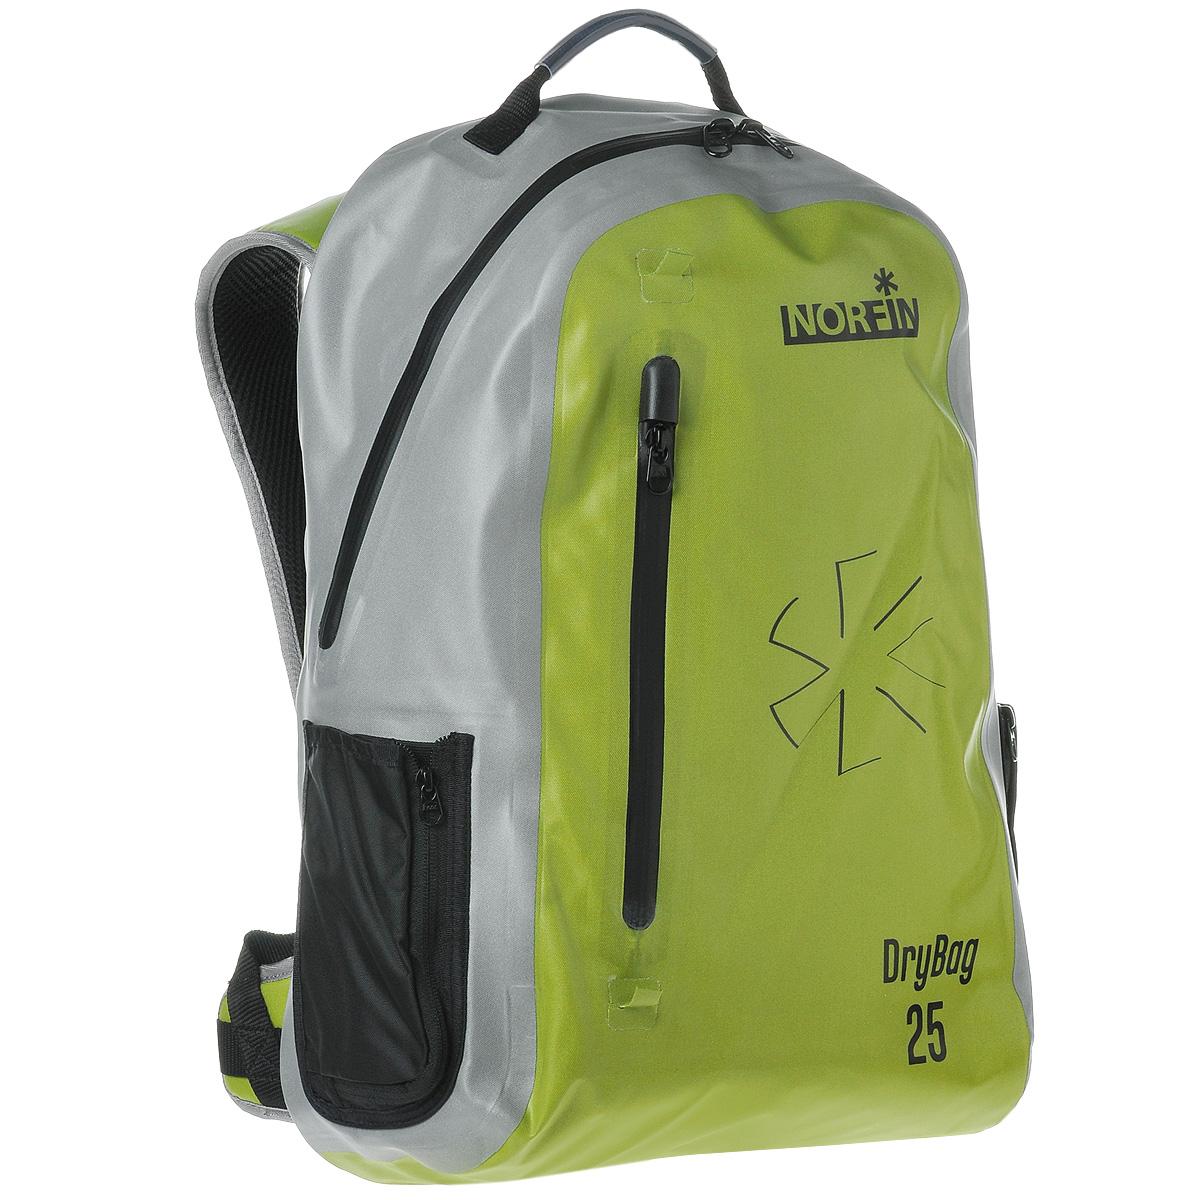 Рюкзак городской Norfin Dry Bag, цвет: серый, неоновый желтый, 25 л цена